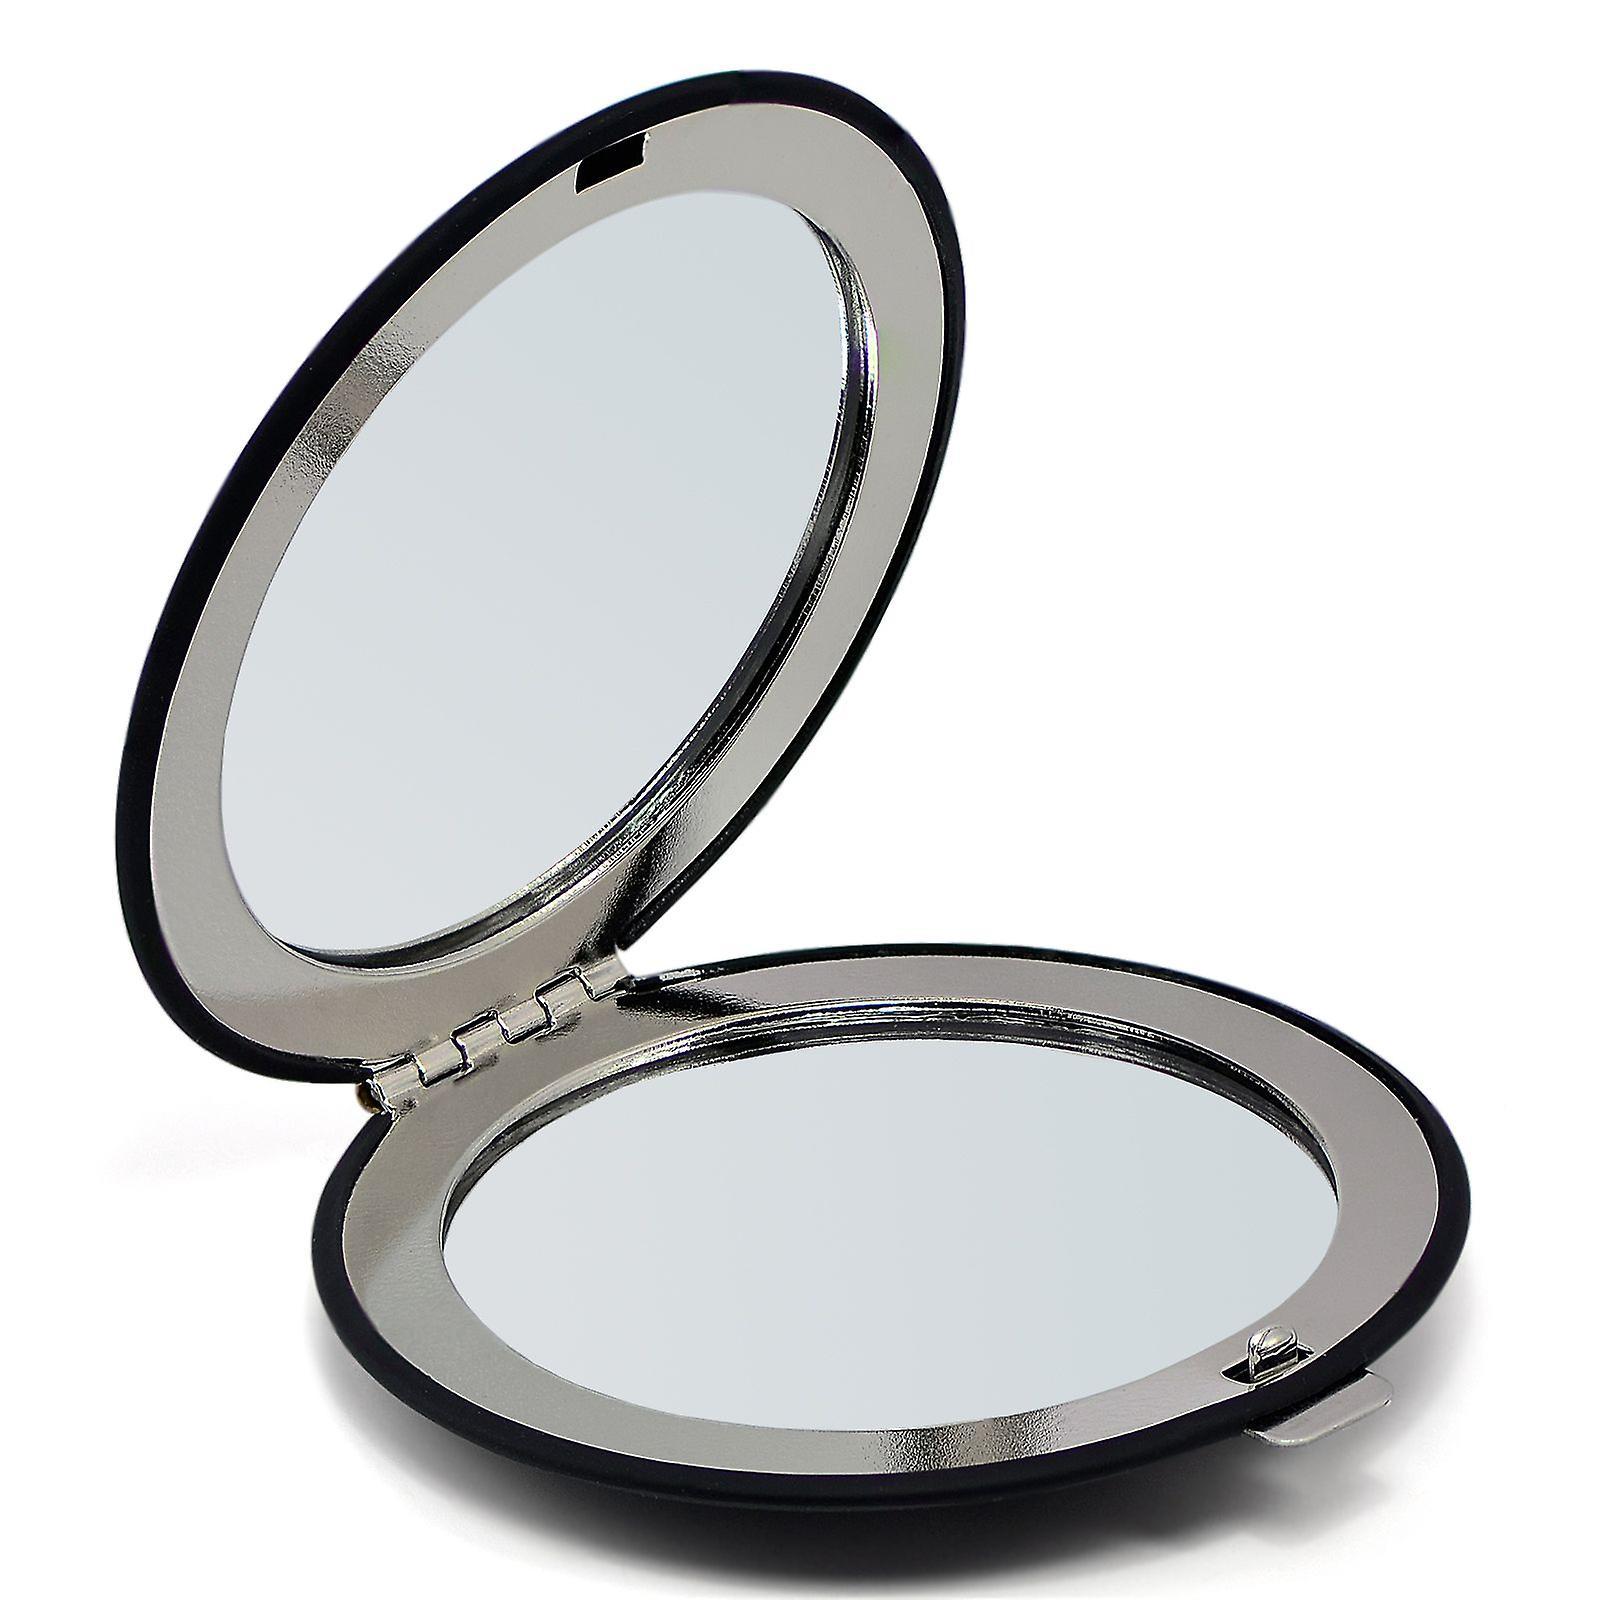 Miroir compact ACS-02